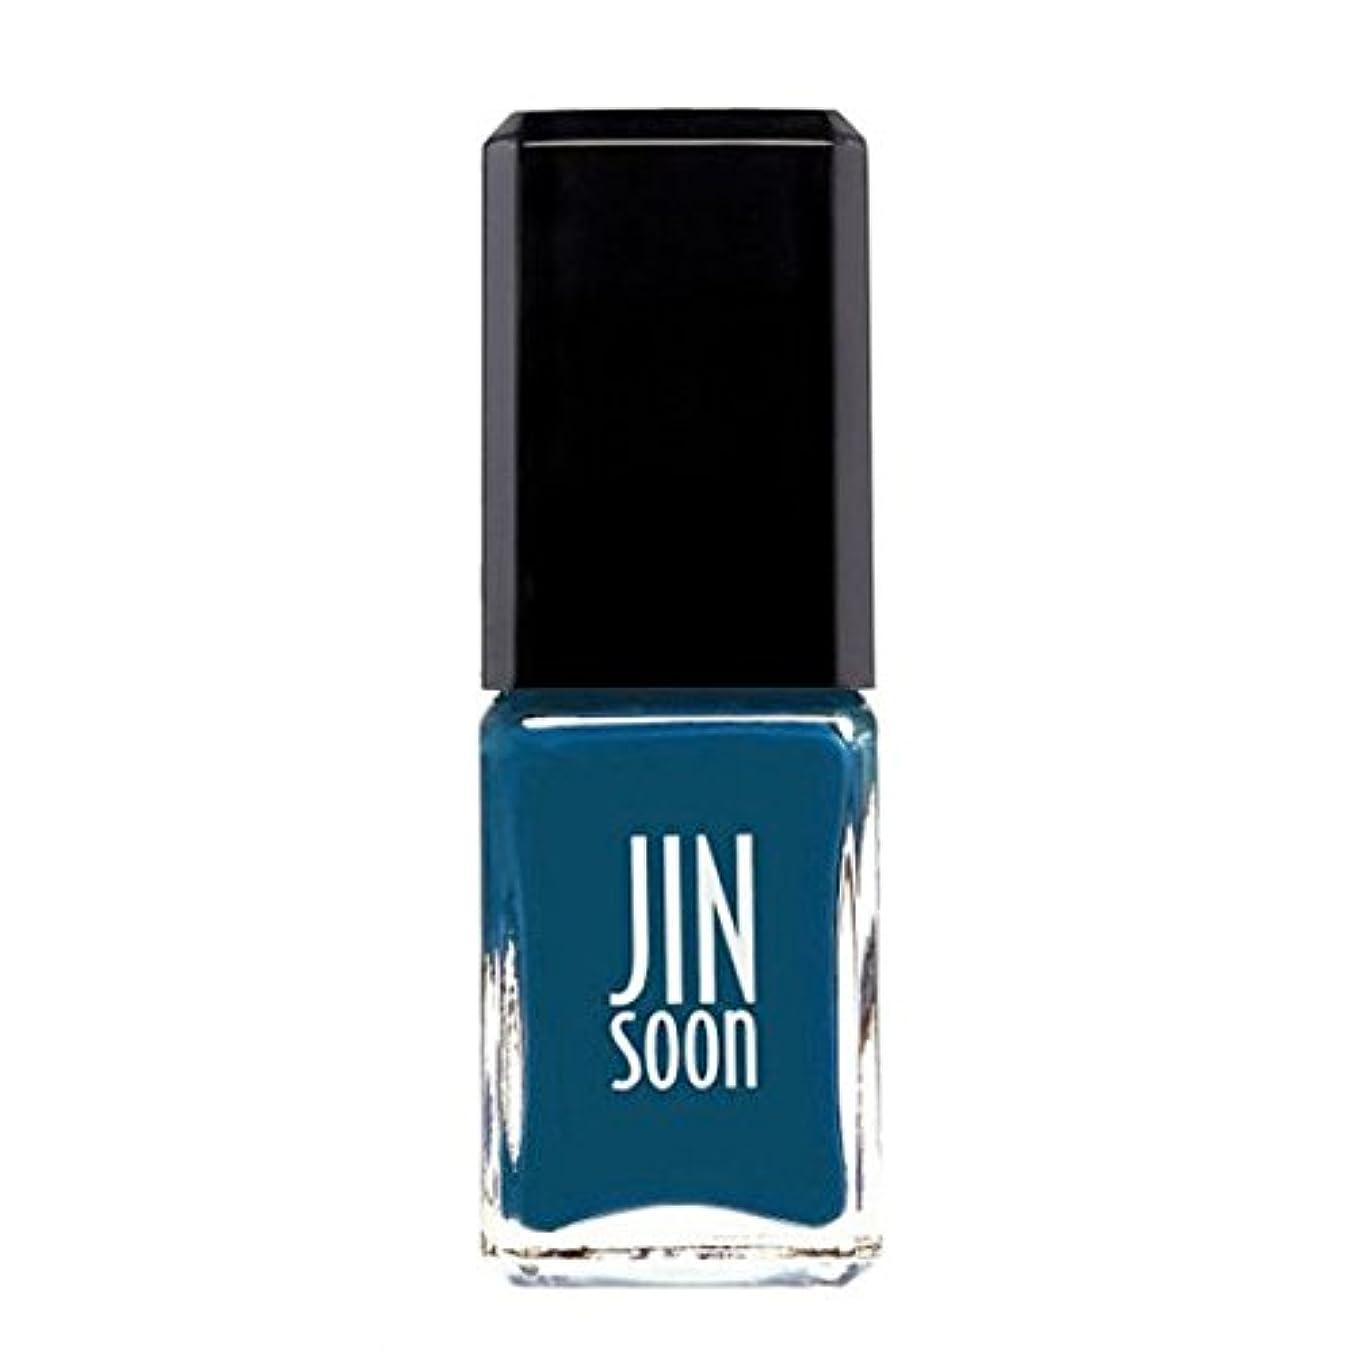 拮抗するコミットメント反対した[ジンスーン] [ jinsoon] ボウ(ティールブルー) BEAU ジンスーン 5フリー ネイルポリッシュ ネイルカラー系統:ティールブルー teal blue 11mL